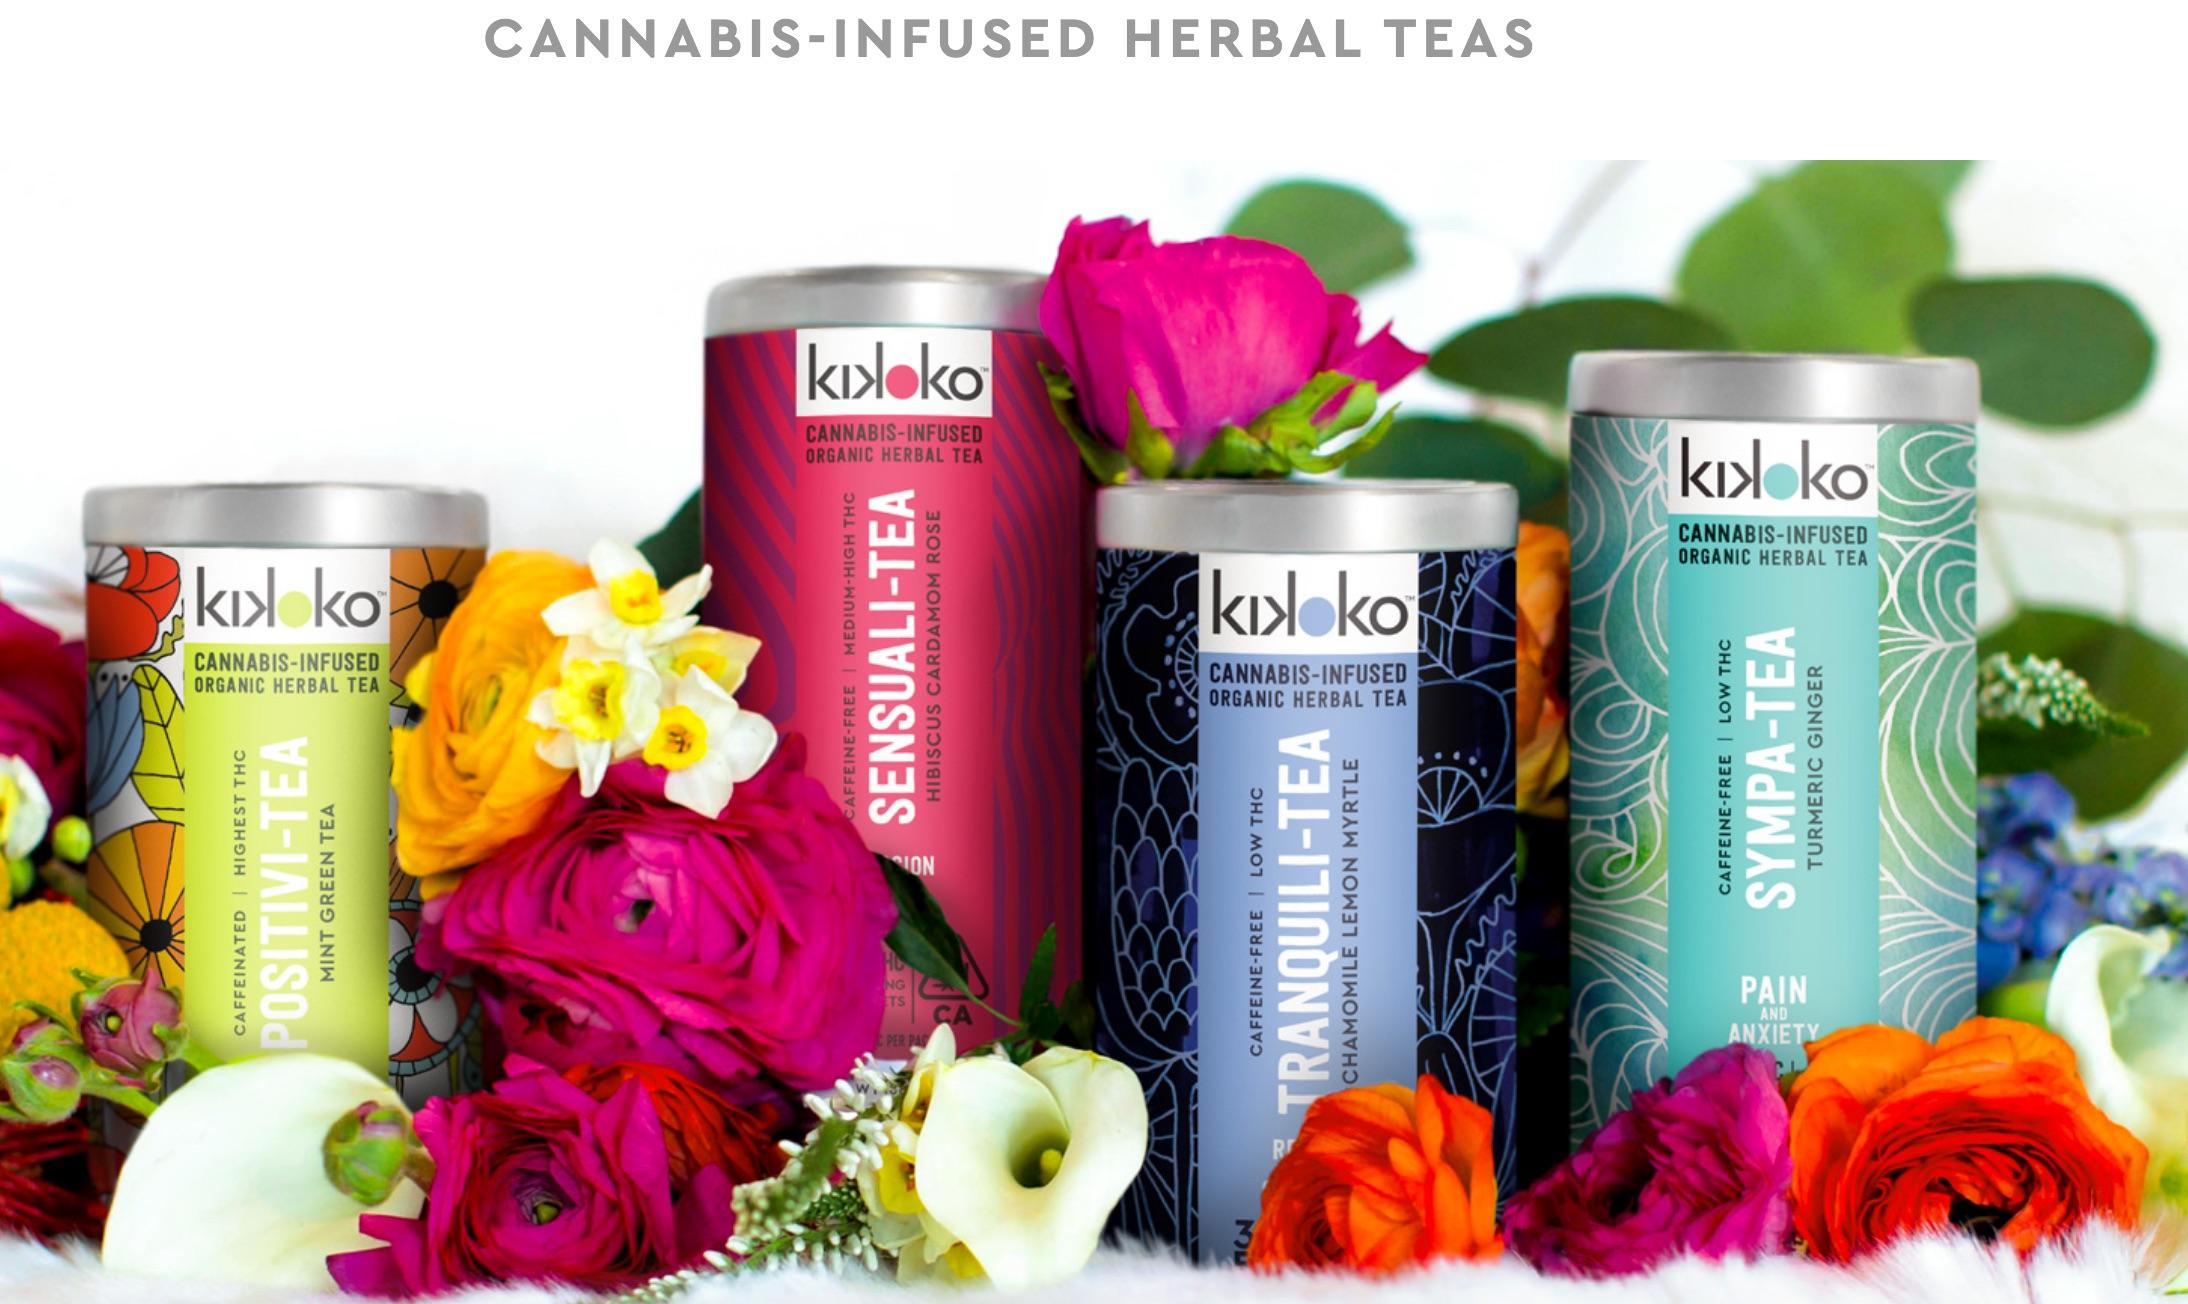 Kikoko Tea